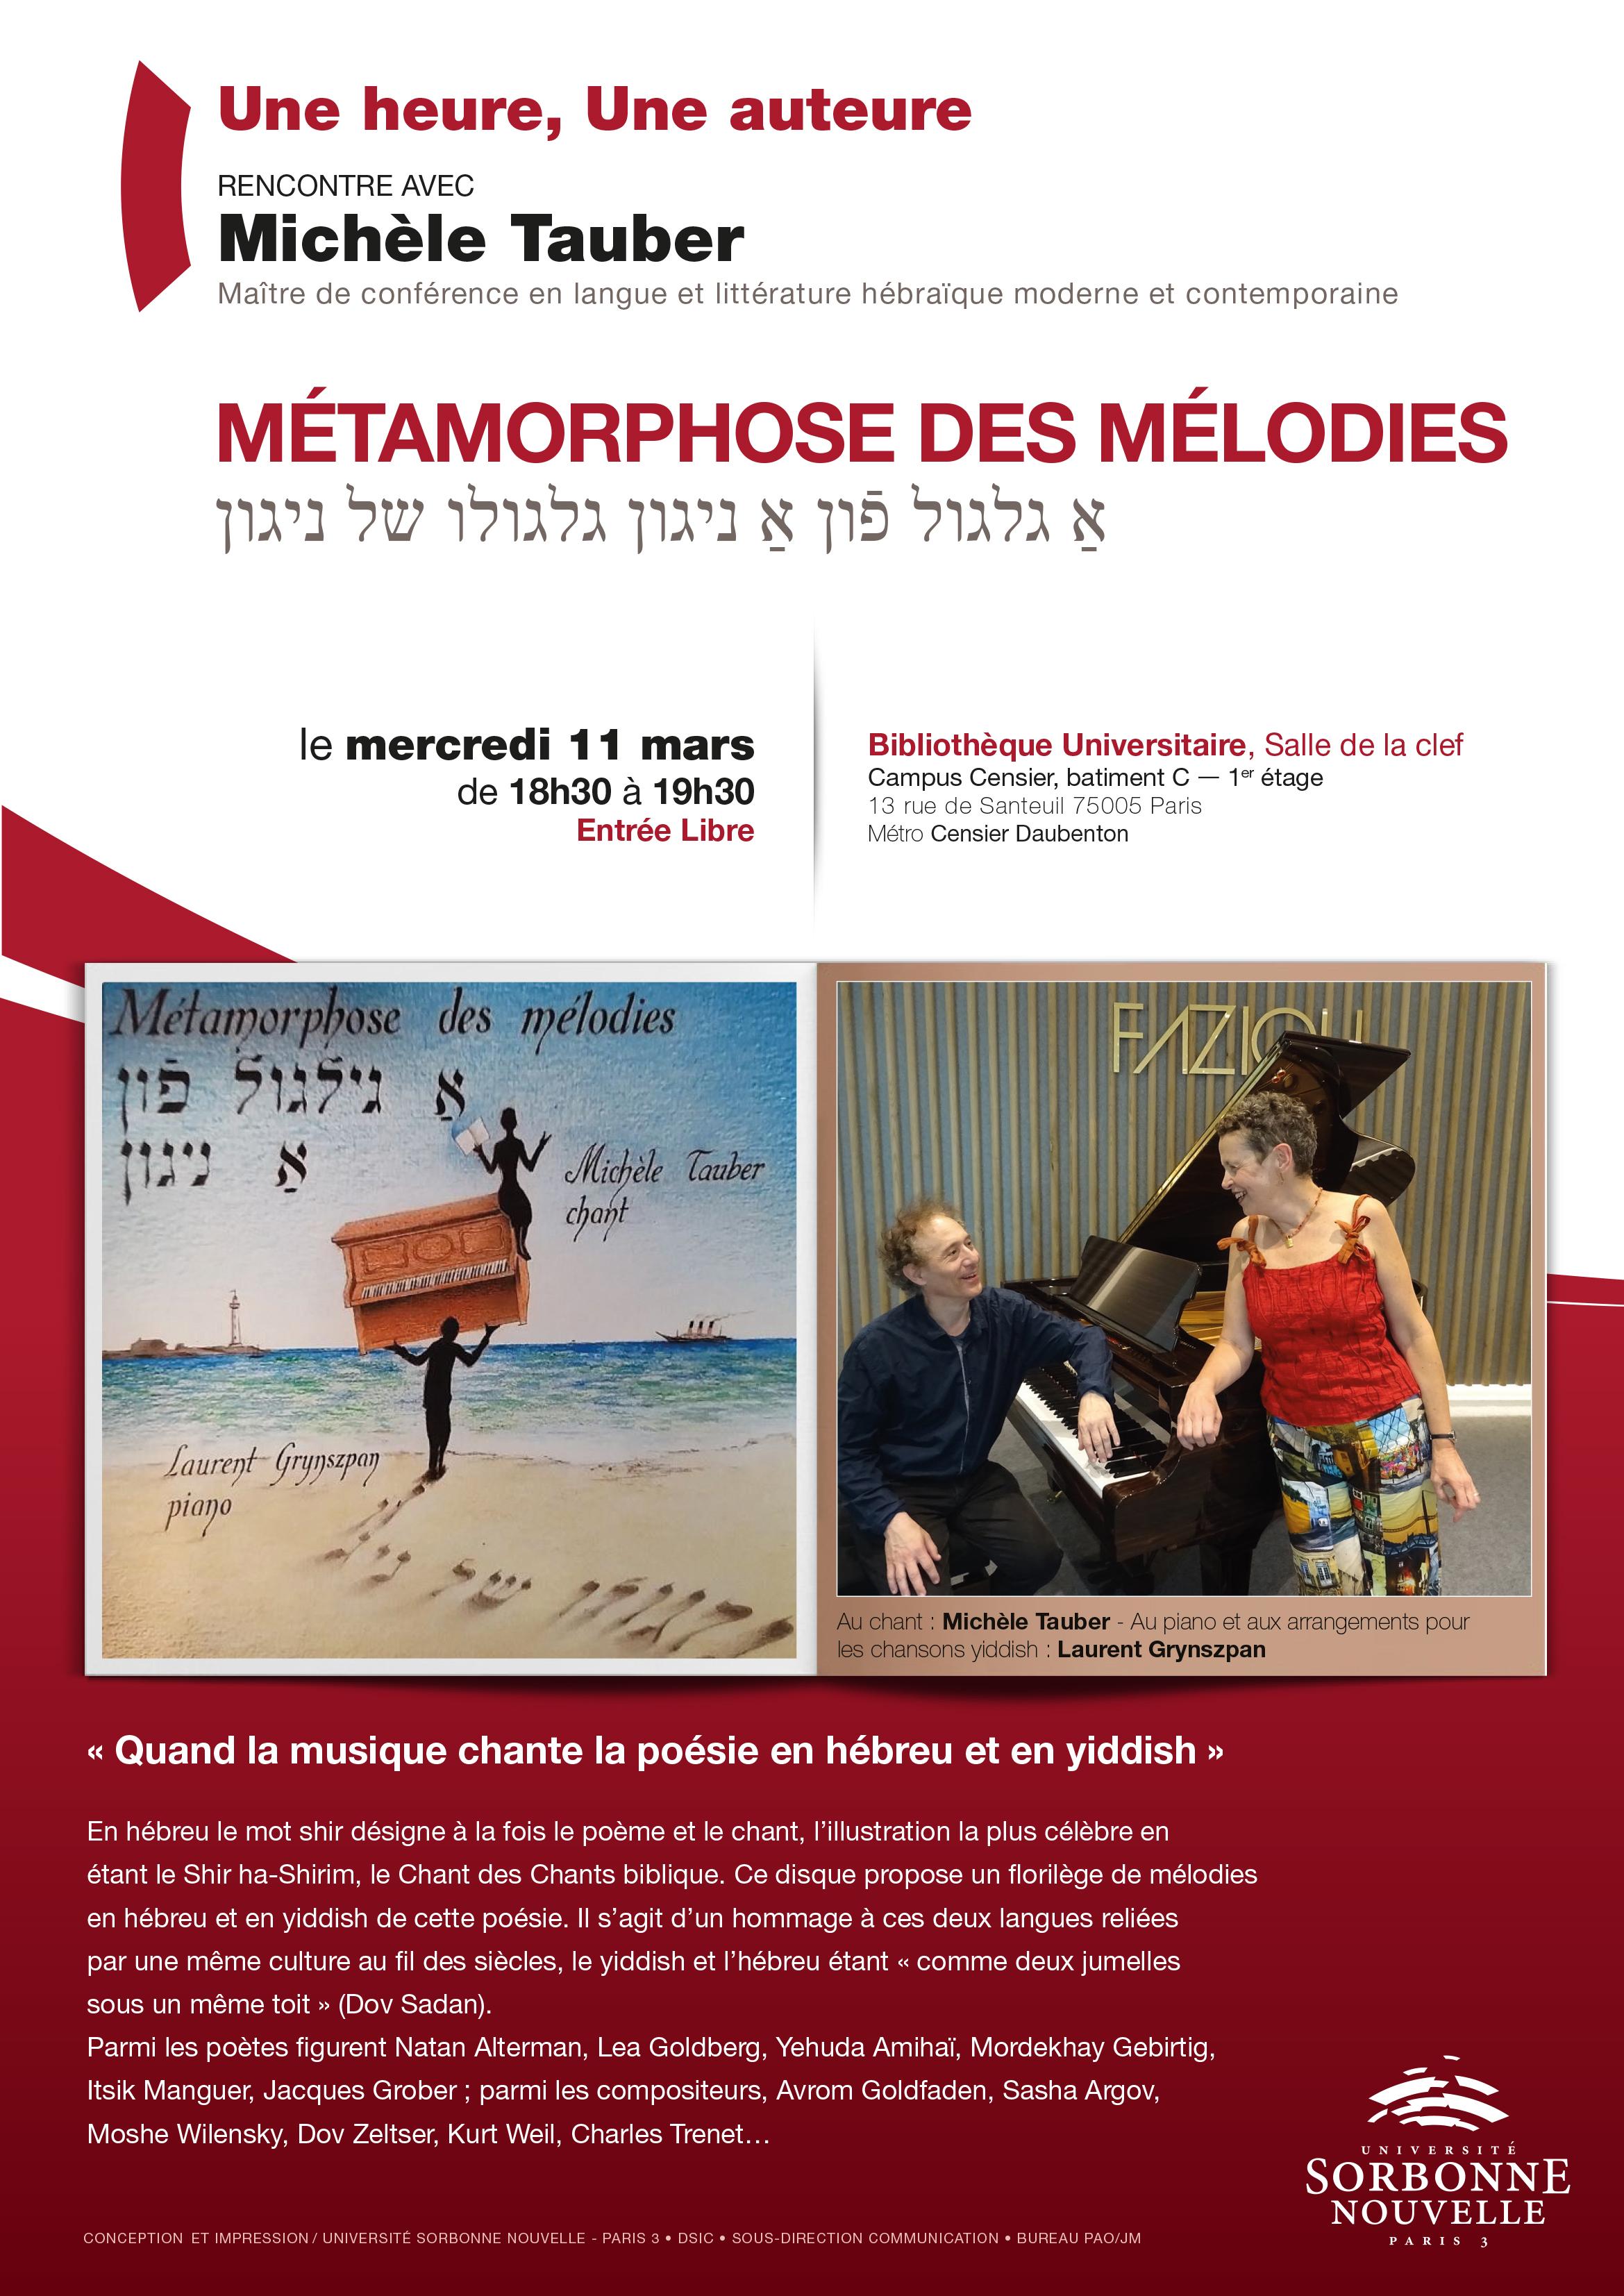 Métamorphose des mélodies, avec Michèle Tauber